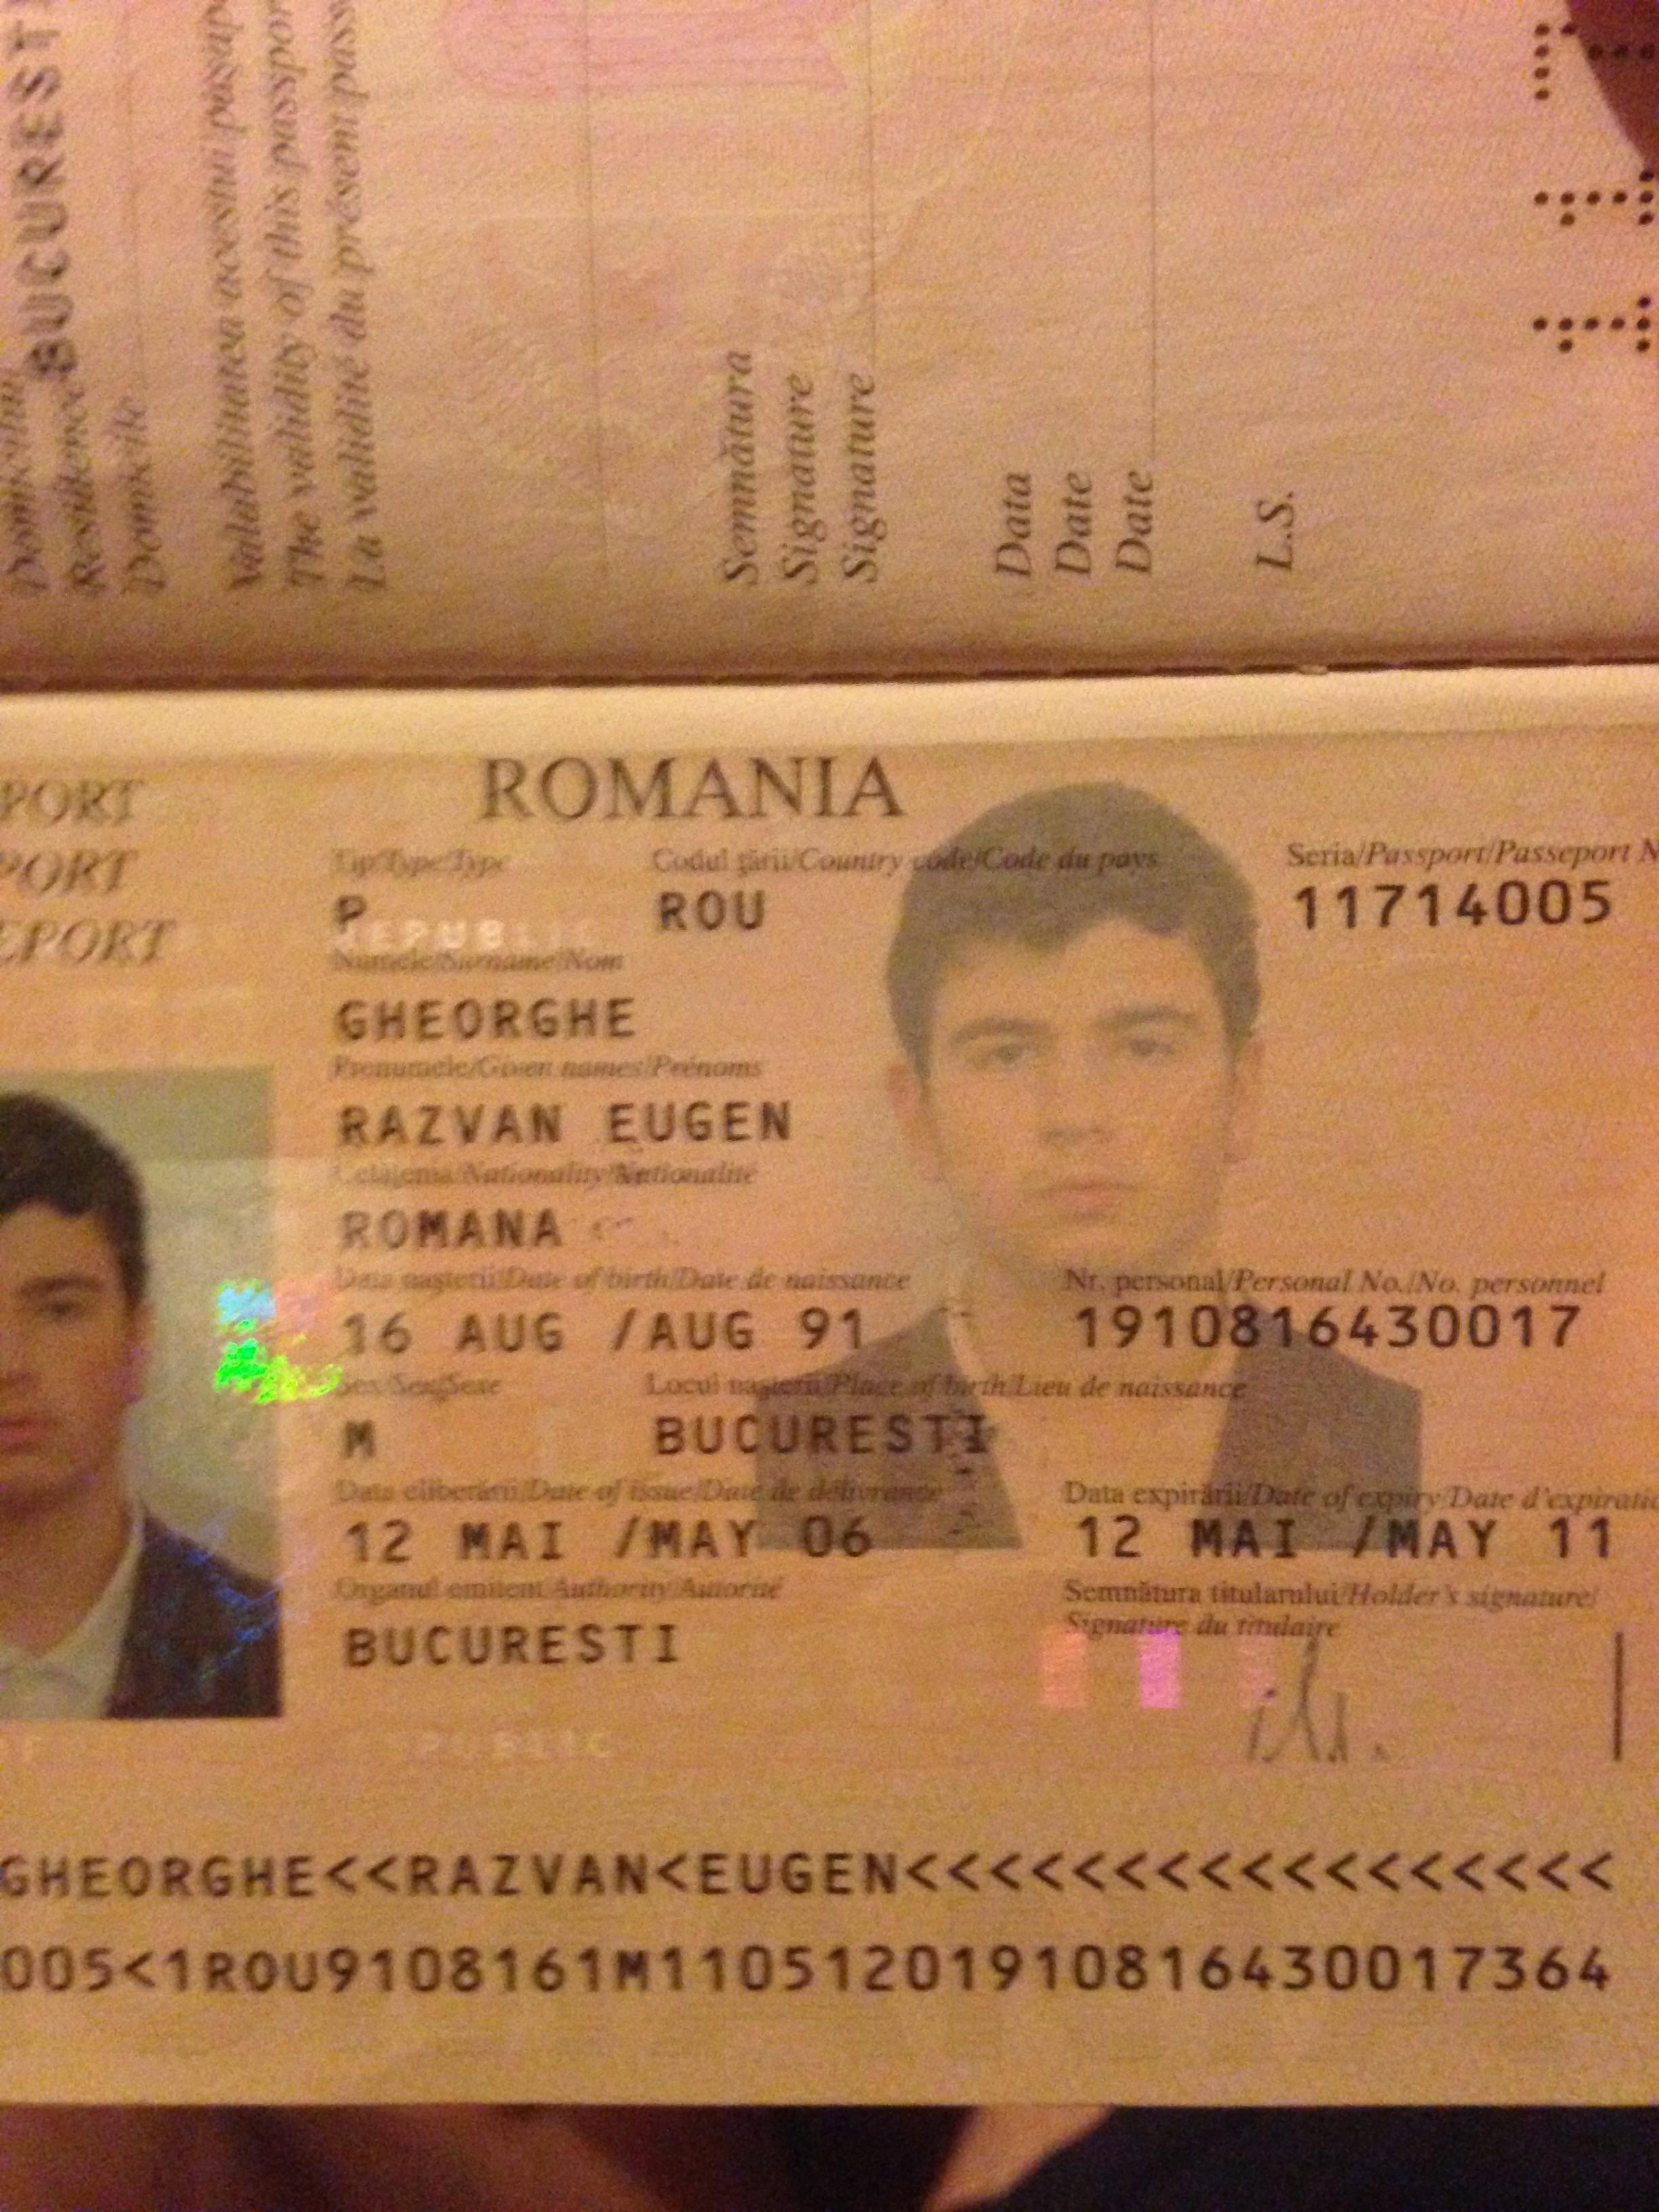 Shell Near Me >> Taking pity on law enforcement, Romanian hacker ...